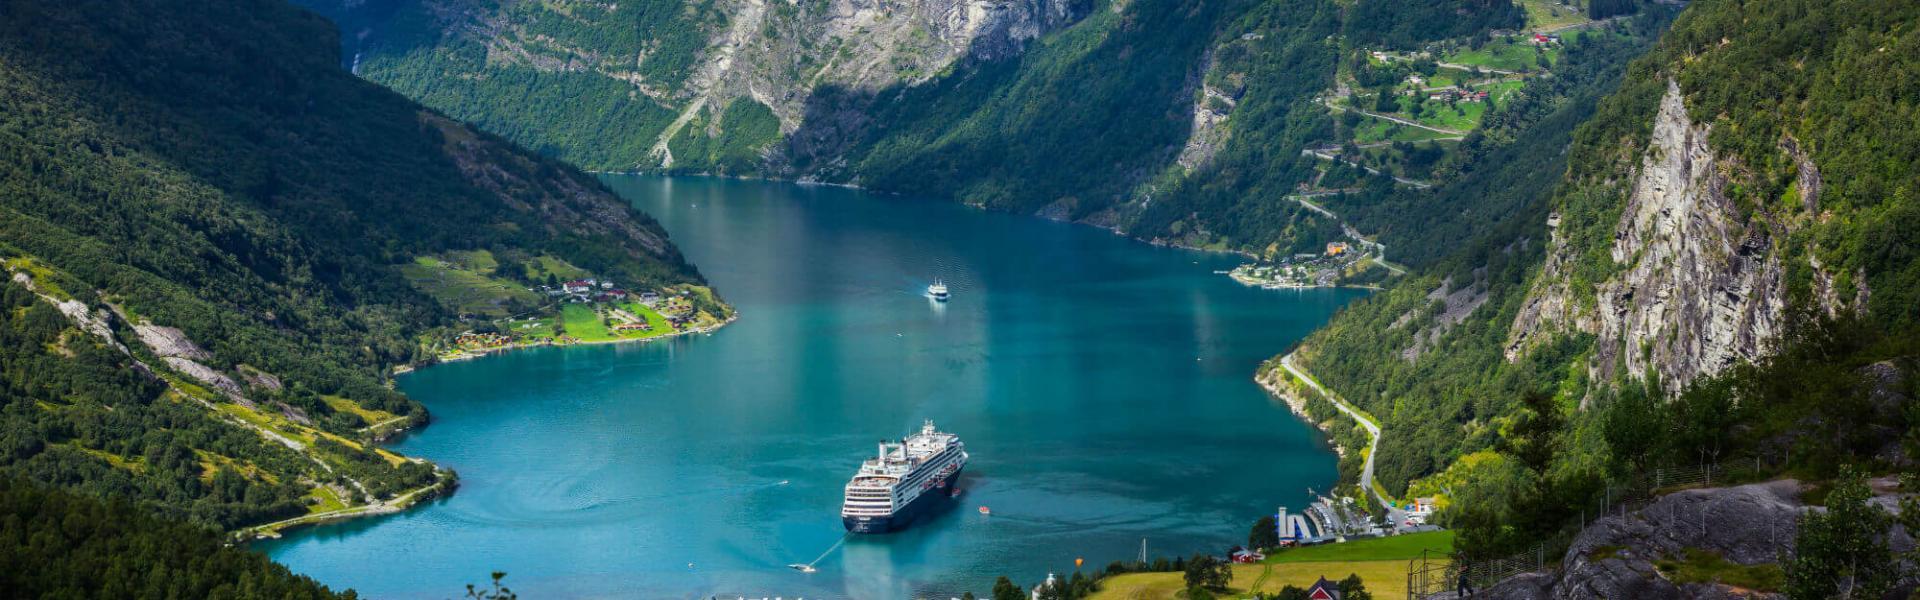 Vestlandet - fjord og fjell i Norge